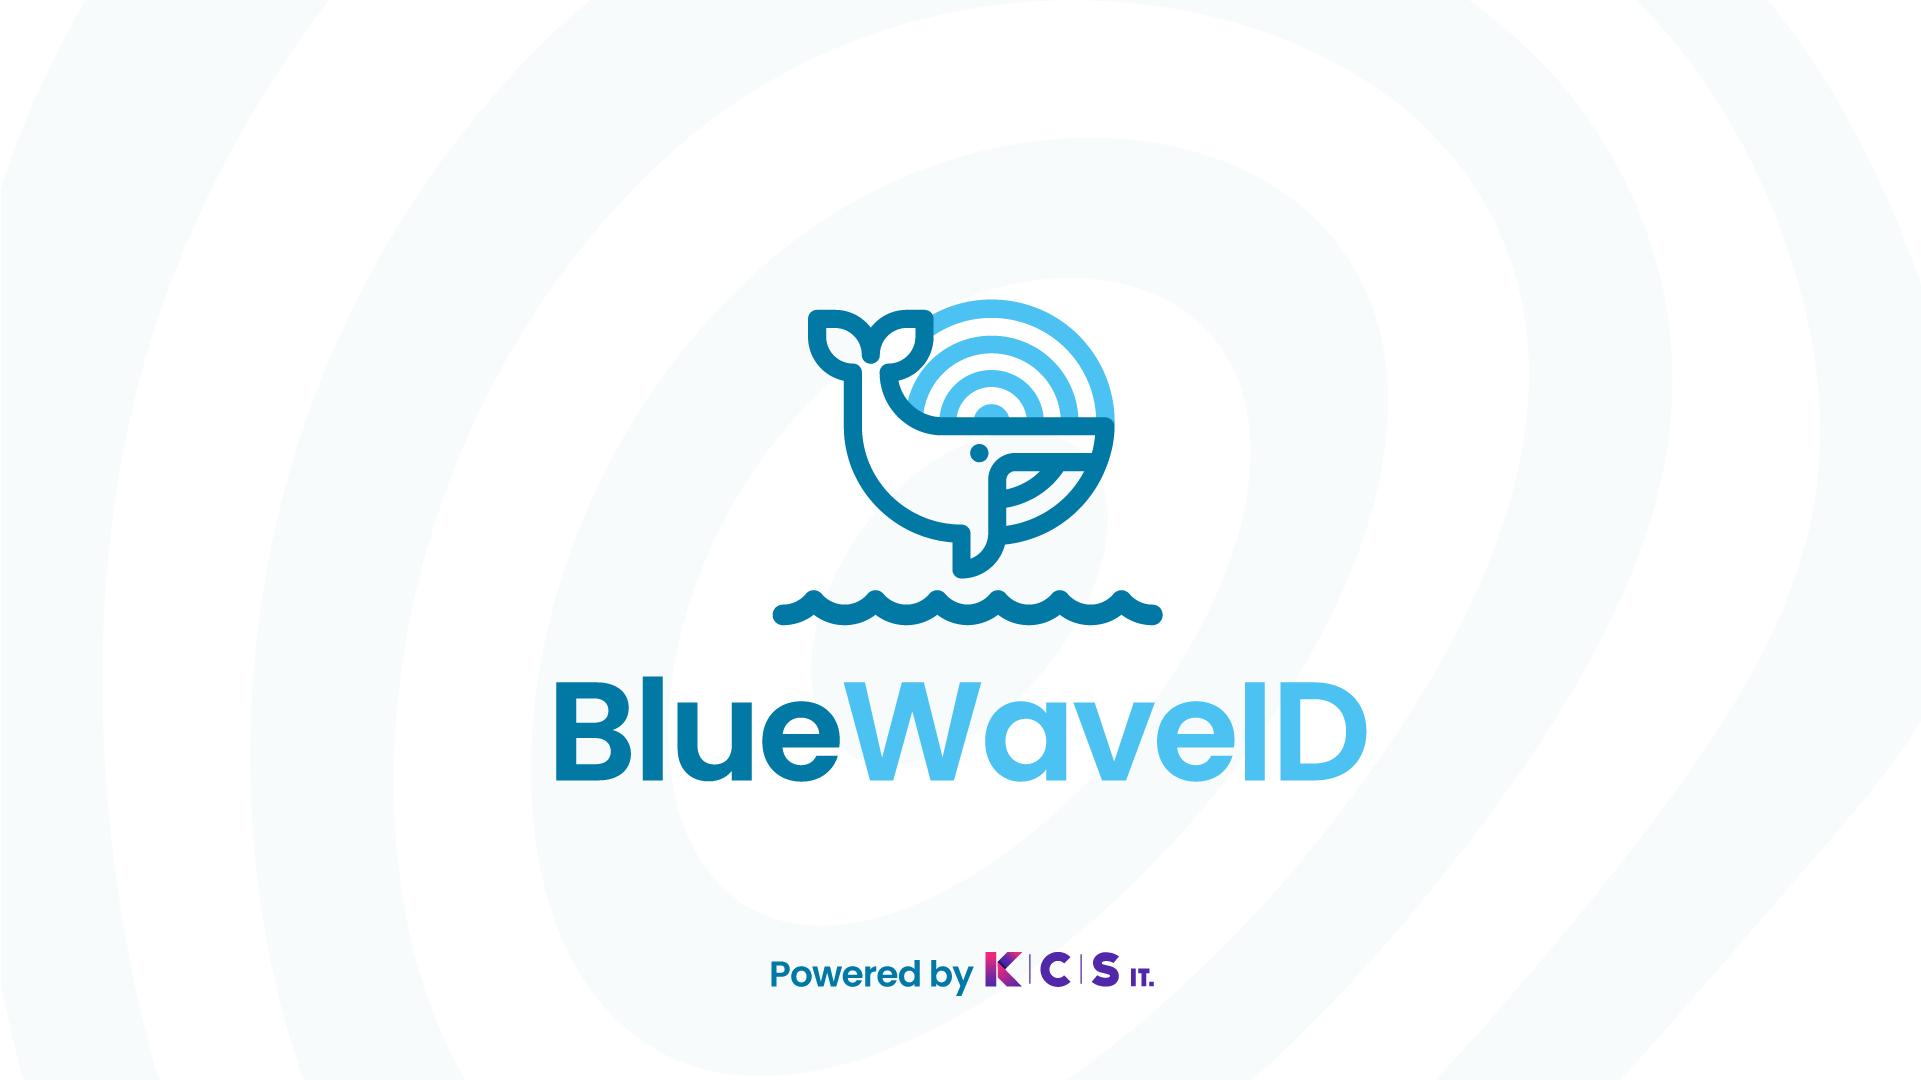 BlueWaveID